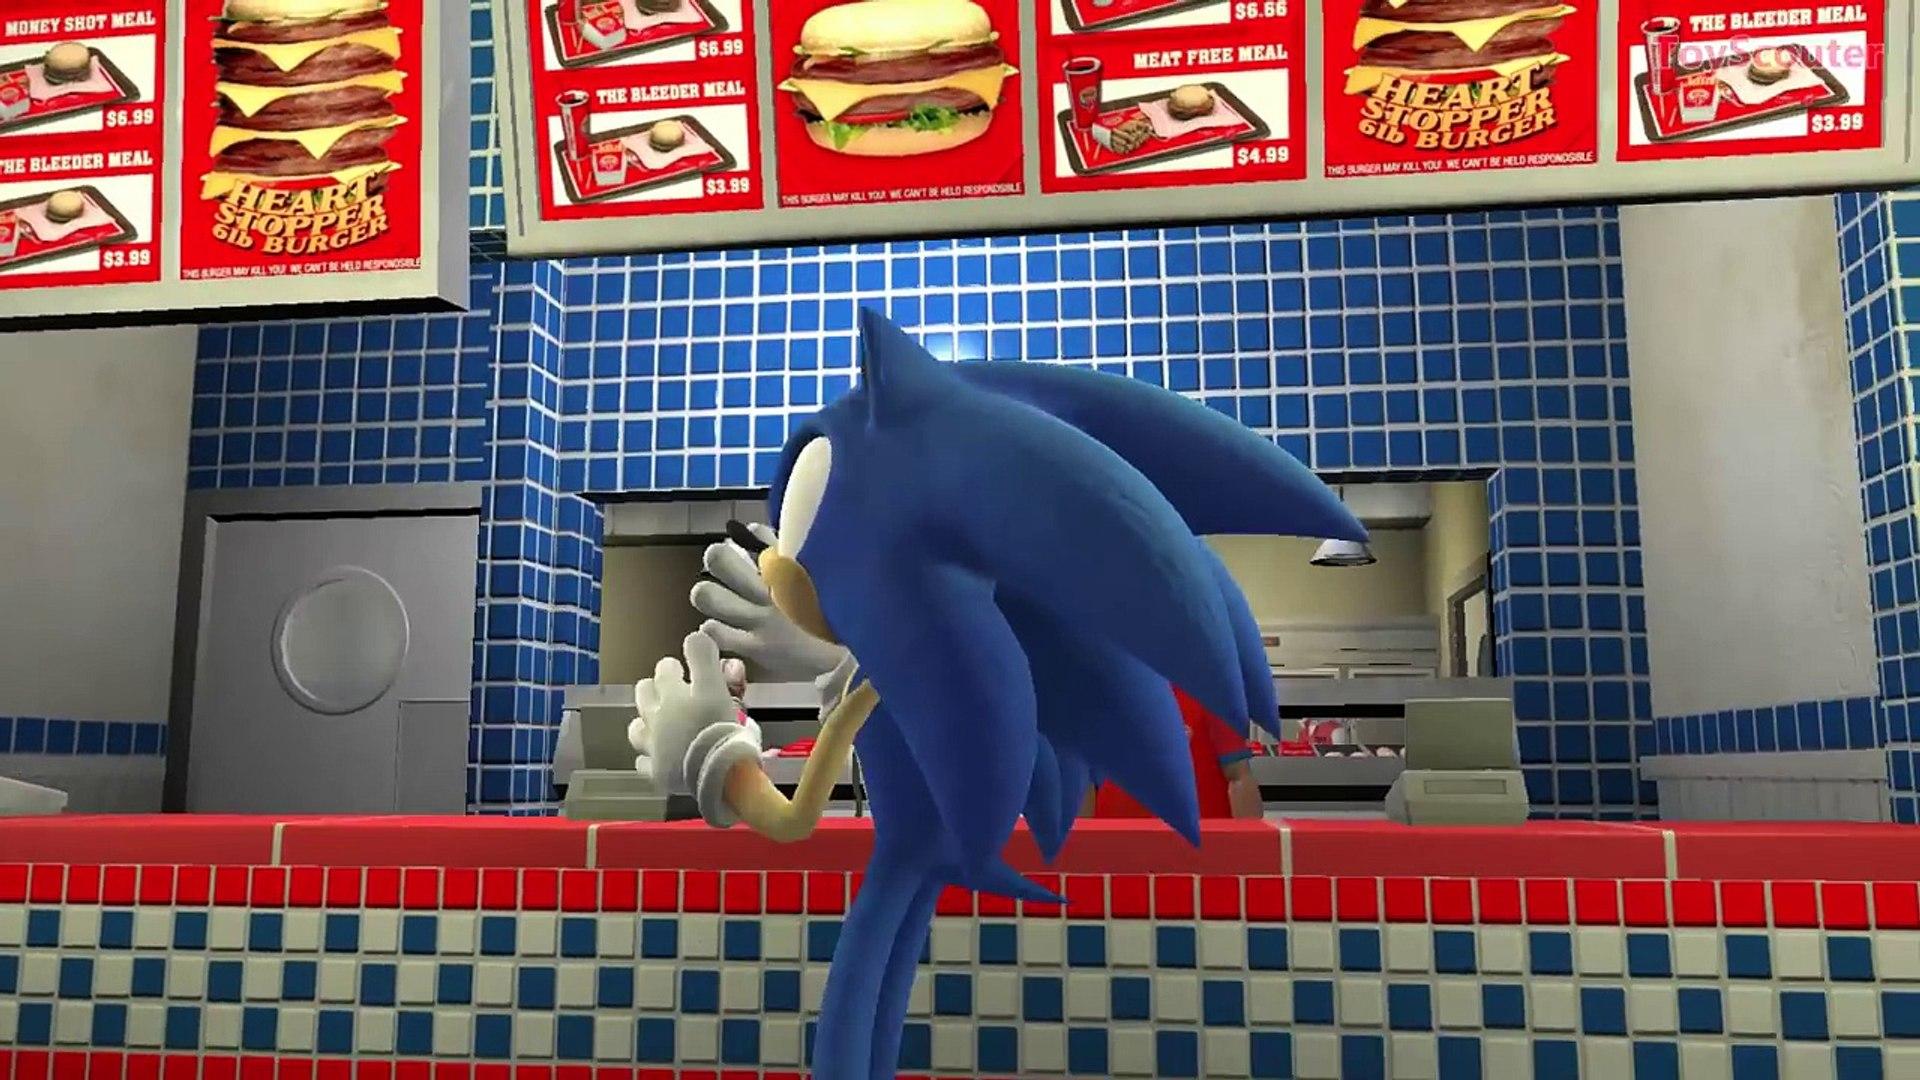 Sonic The Hedgehog Nursery Rhymes Disney Cars Lightning Mcqueen Adventure Kids Songs Video Dailymotion